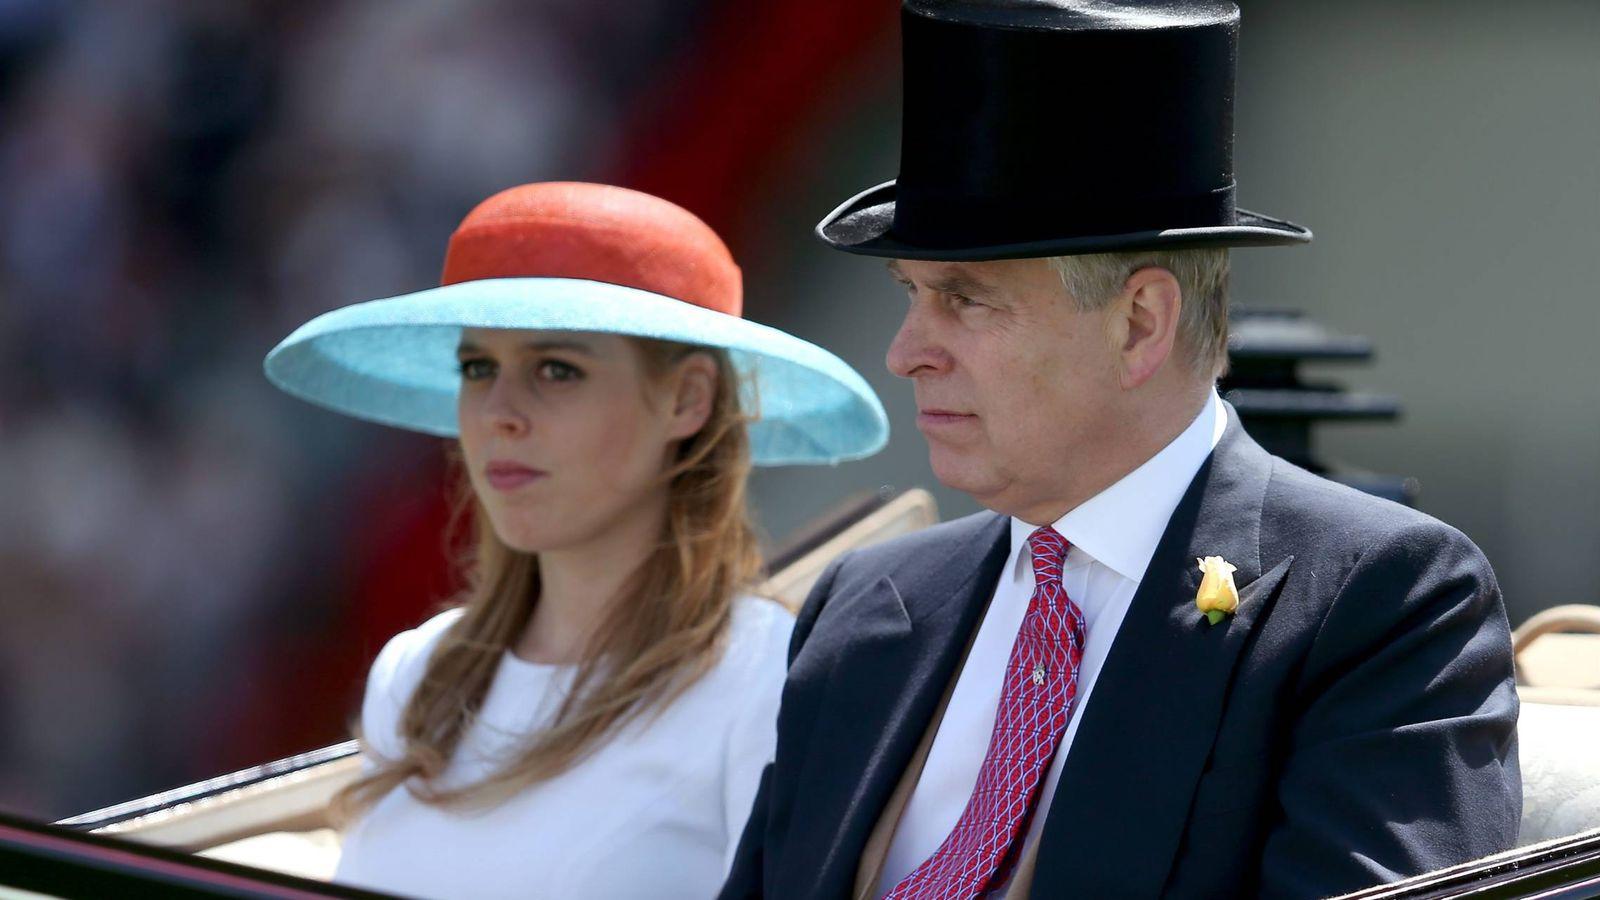 Foto: El duque de York con su hija, la princesa Beatriz, en una imagen de archivo. (Cordon Press)